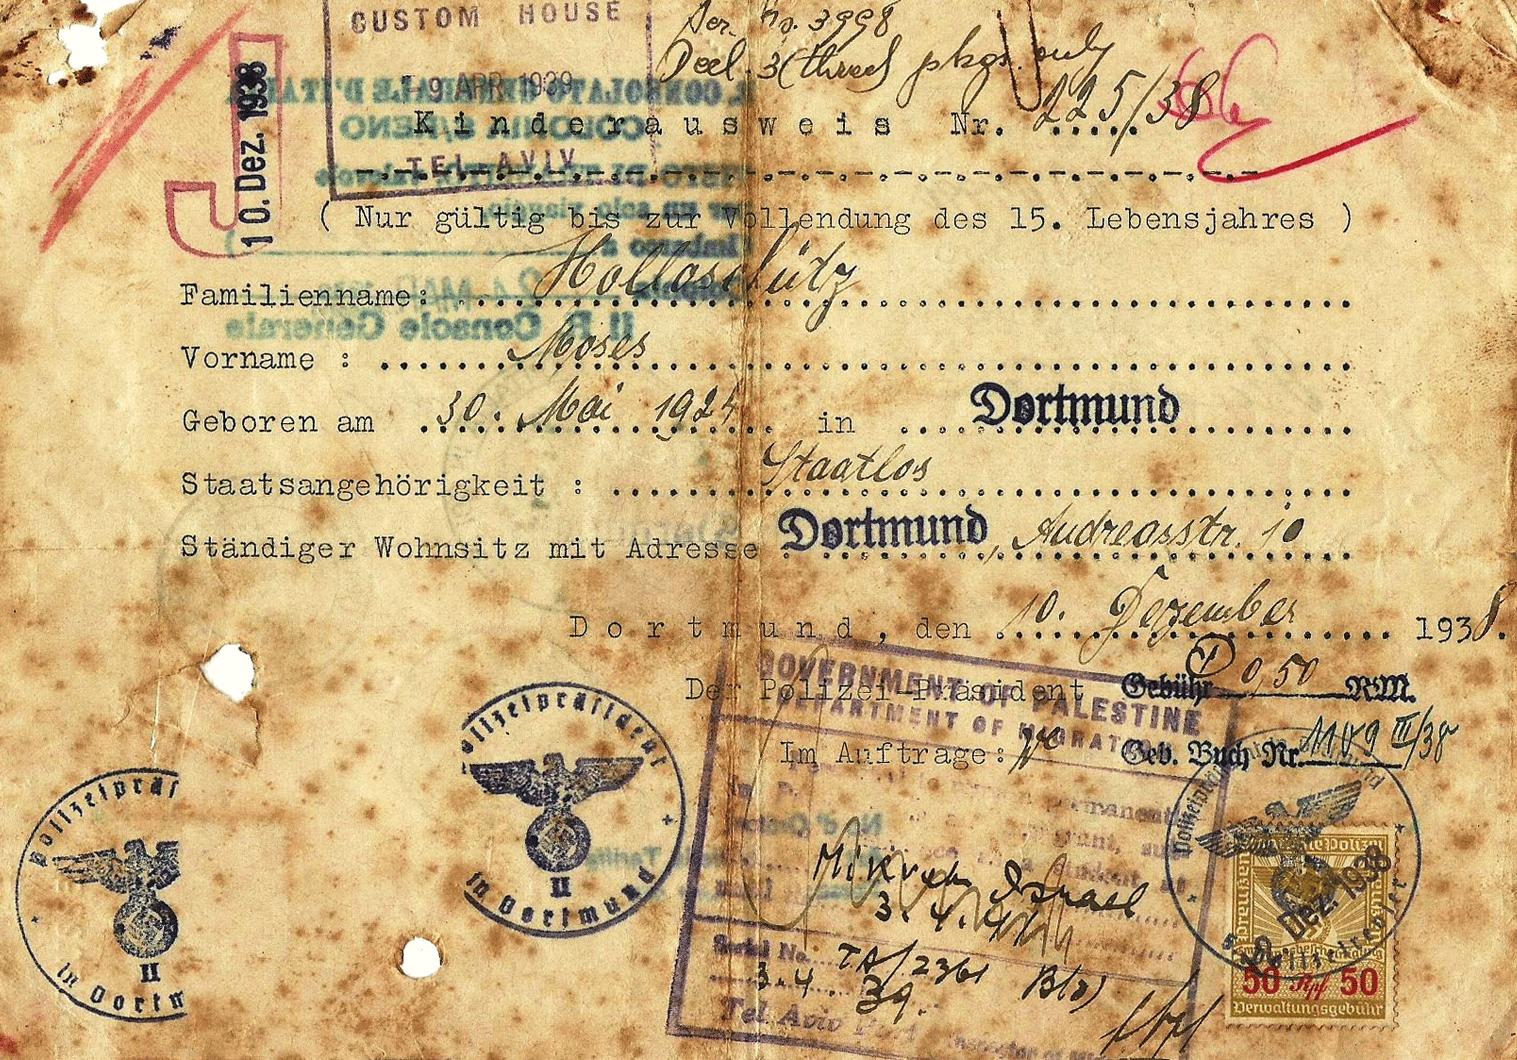 J stamped Jewish travel document for children